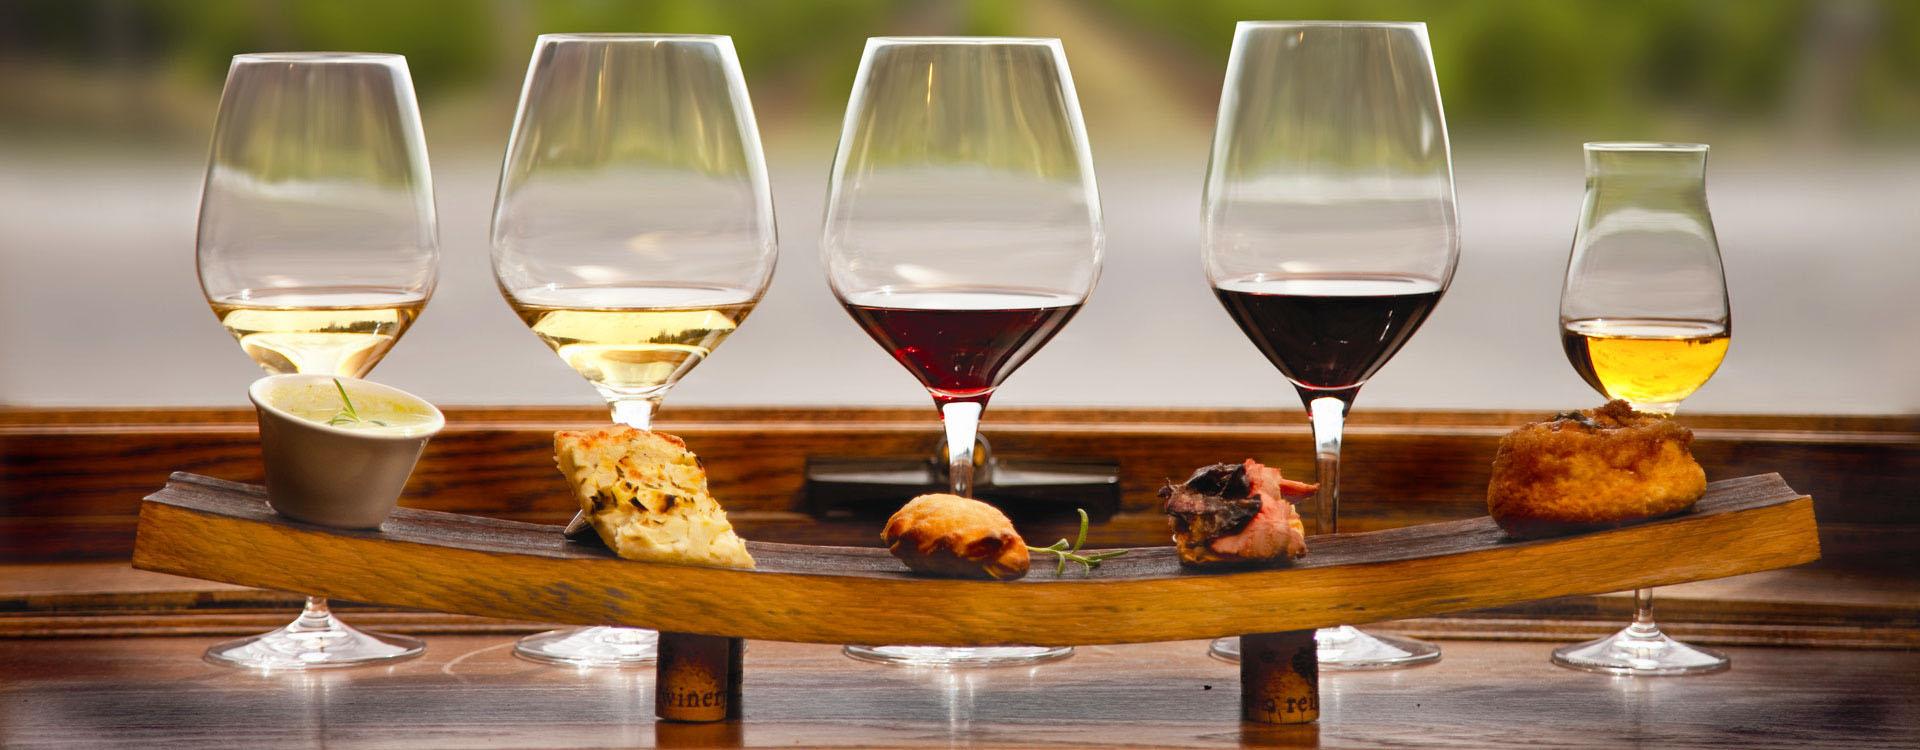 vinos saldos vinos oferta